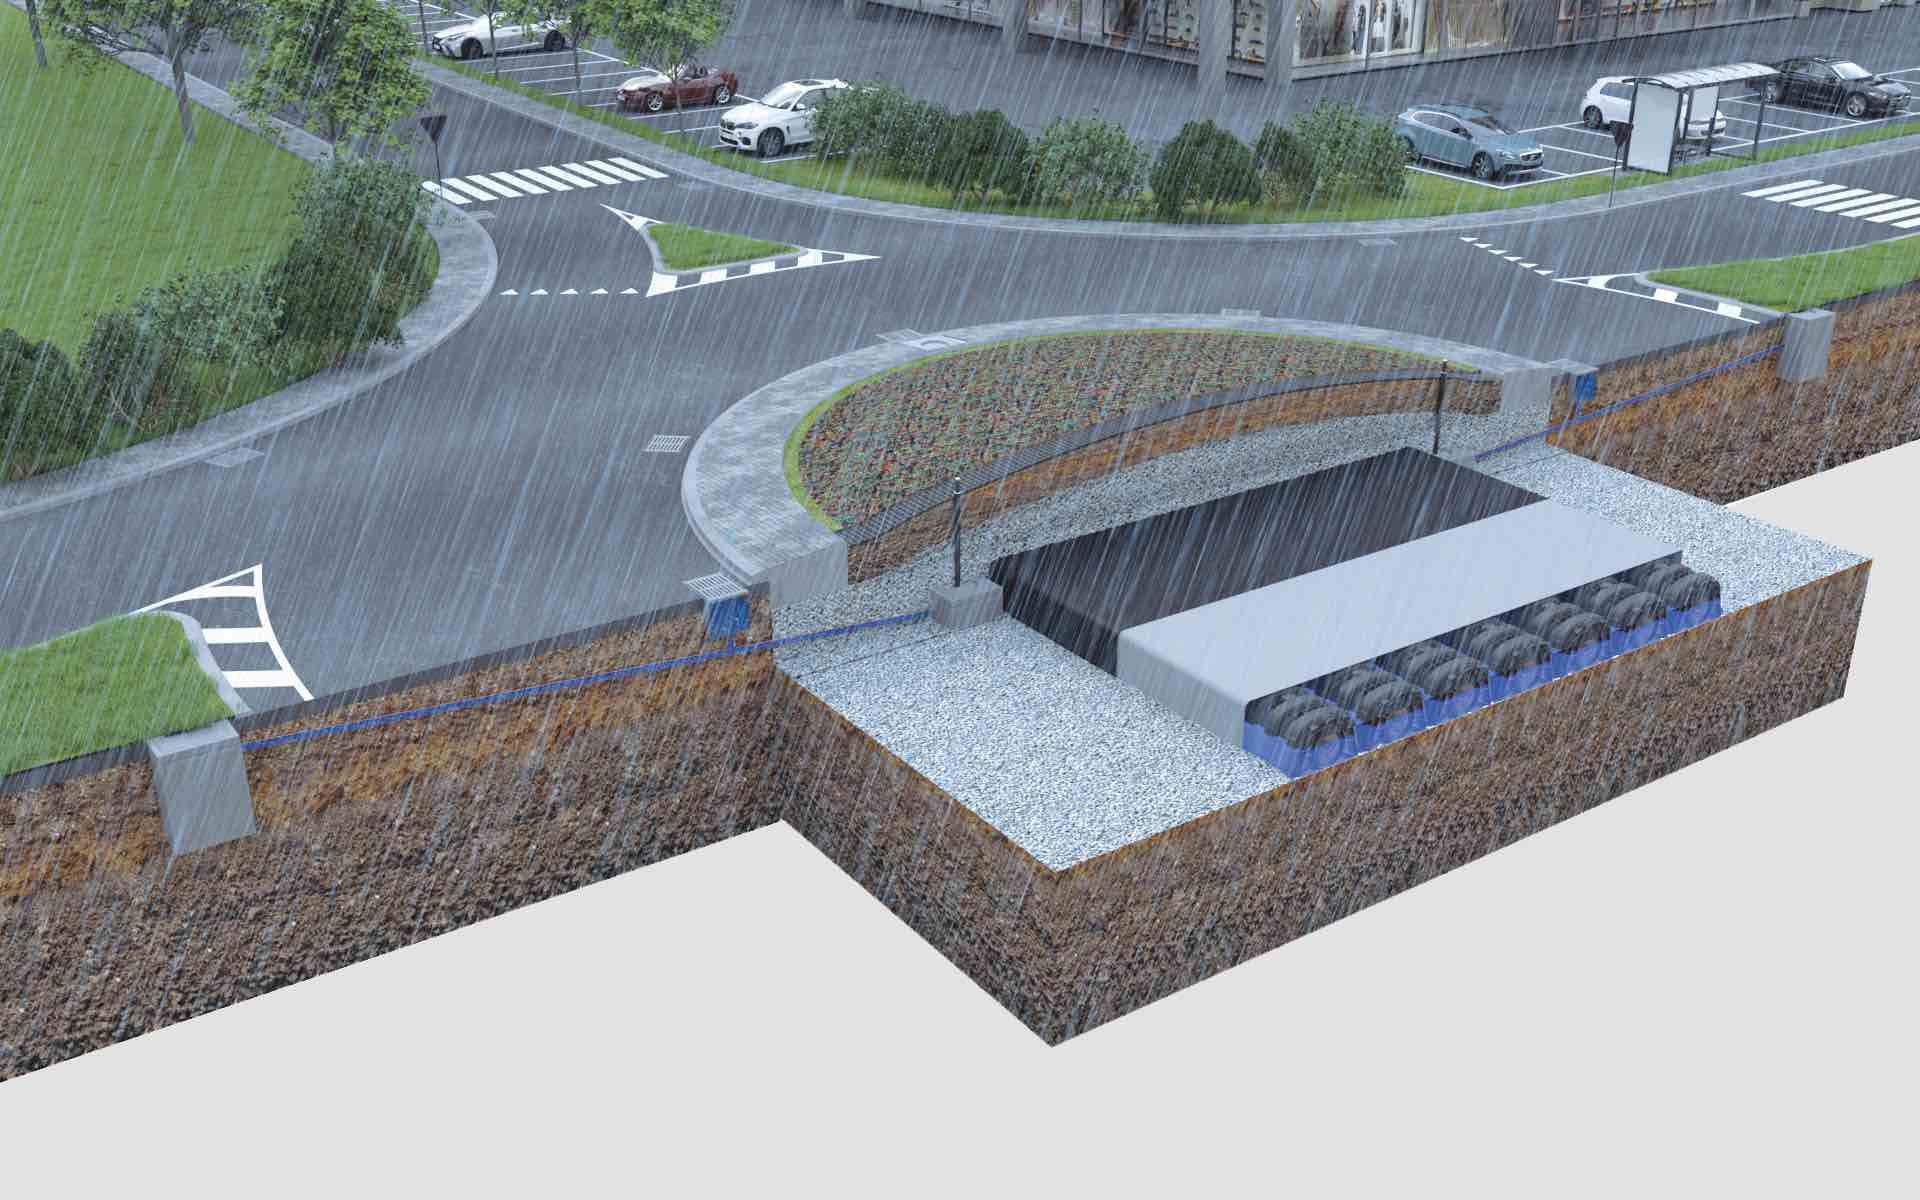 Rotatoria stradale con sistema di raccolta dell'acqua piovana al di sotto dell'area verde